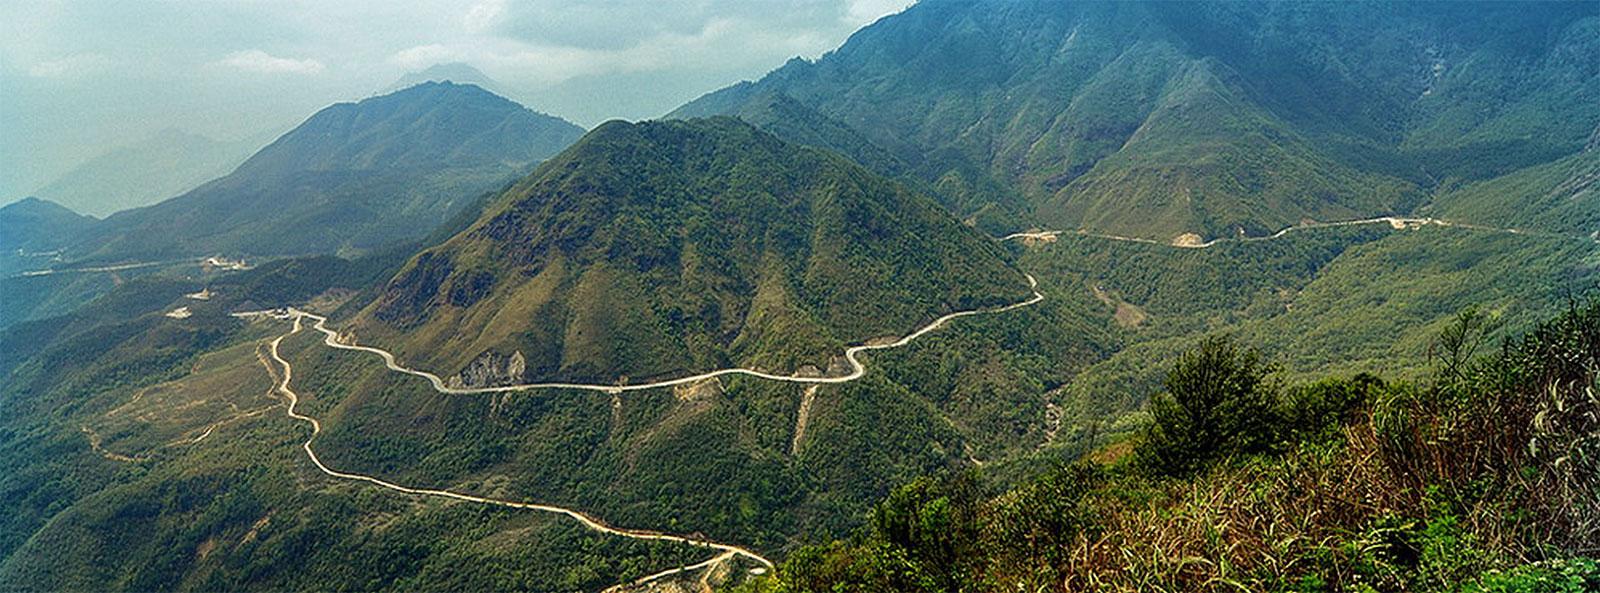 Road from Nha trang to Dalat